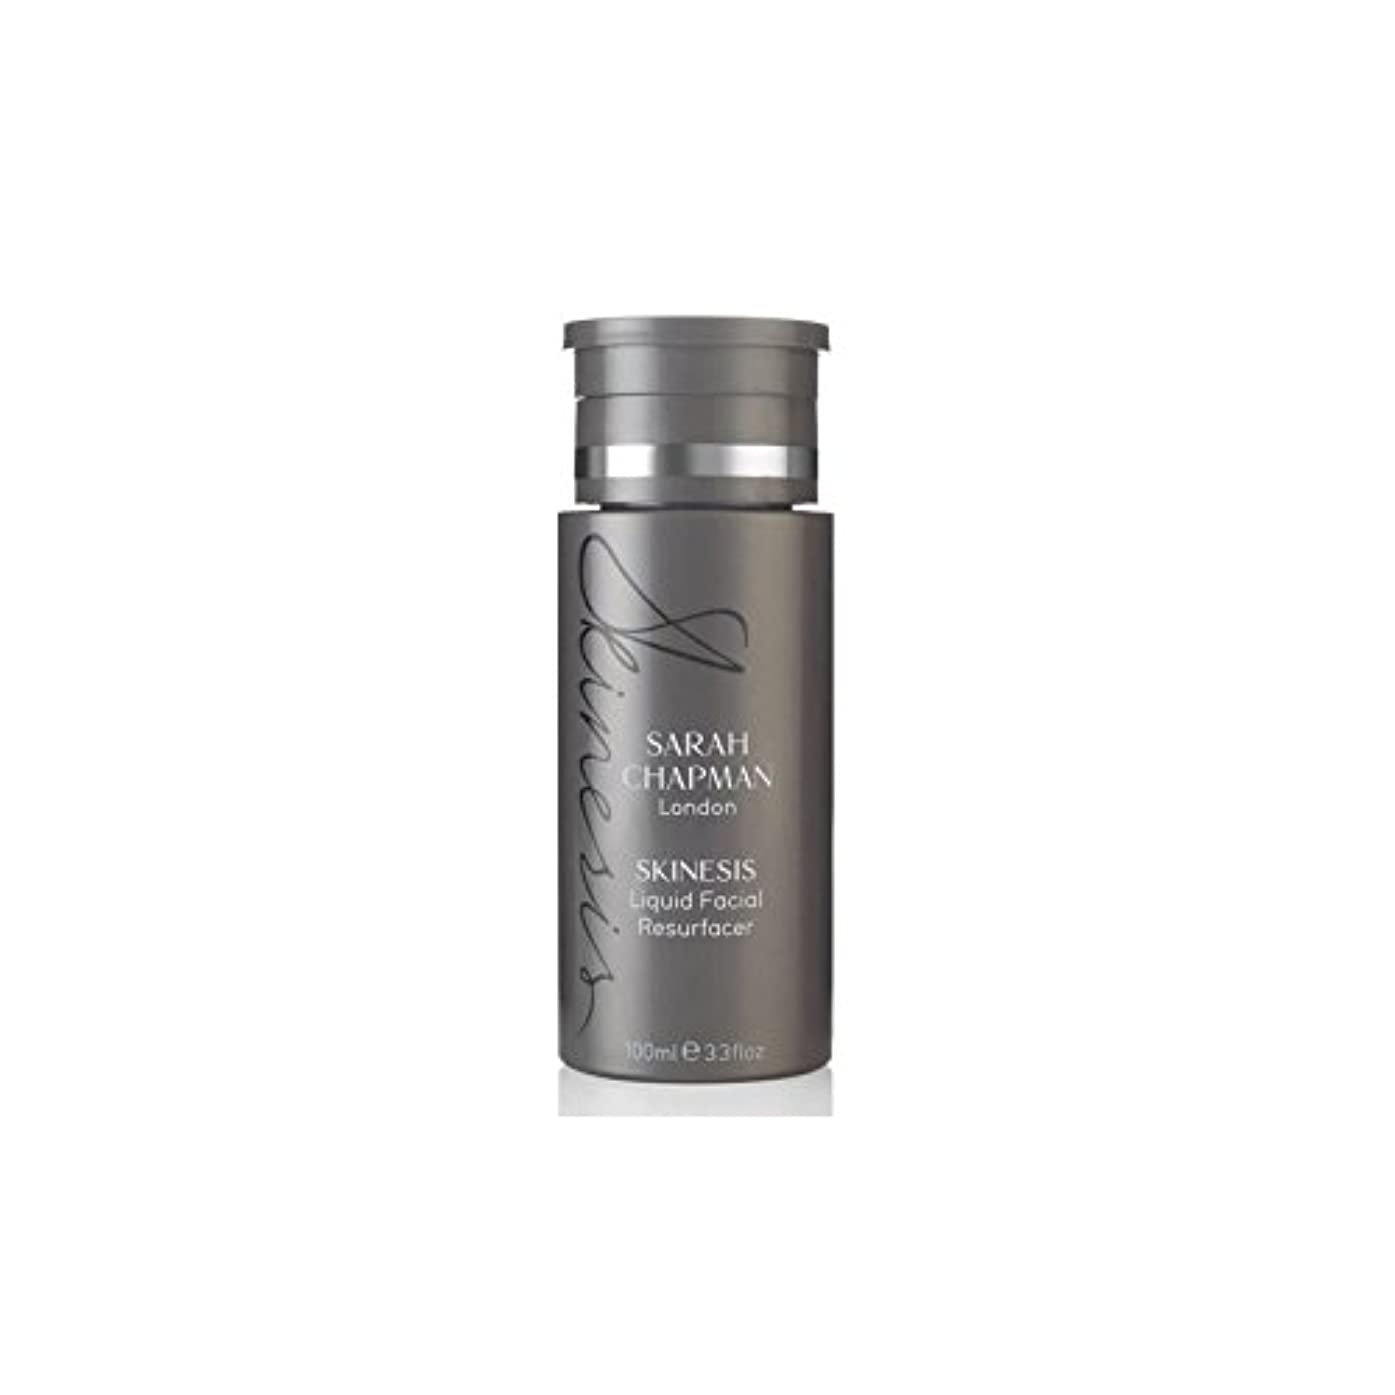 商標フルーツ自然Sarah Chapman Skinesis Liquid Facial Resurfacer (100ml) - サラチャップマン液体顔(100)に [並行輸入品]